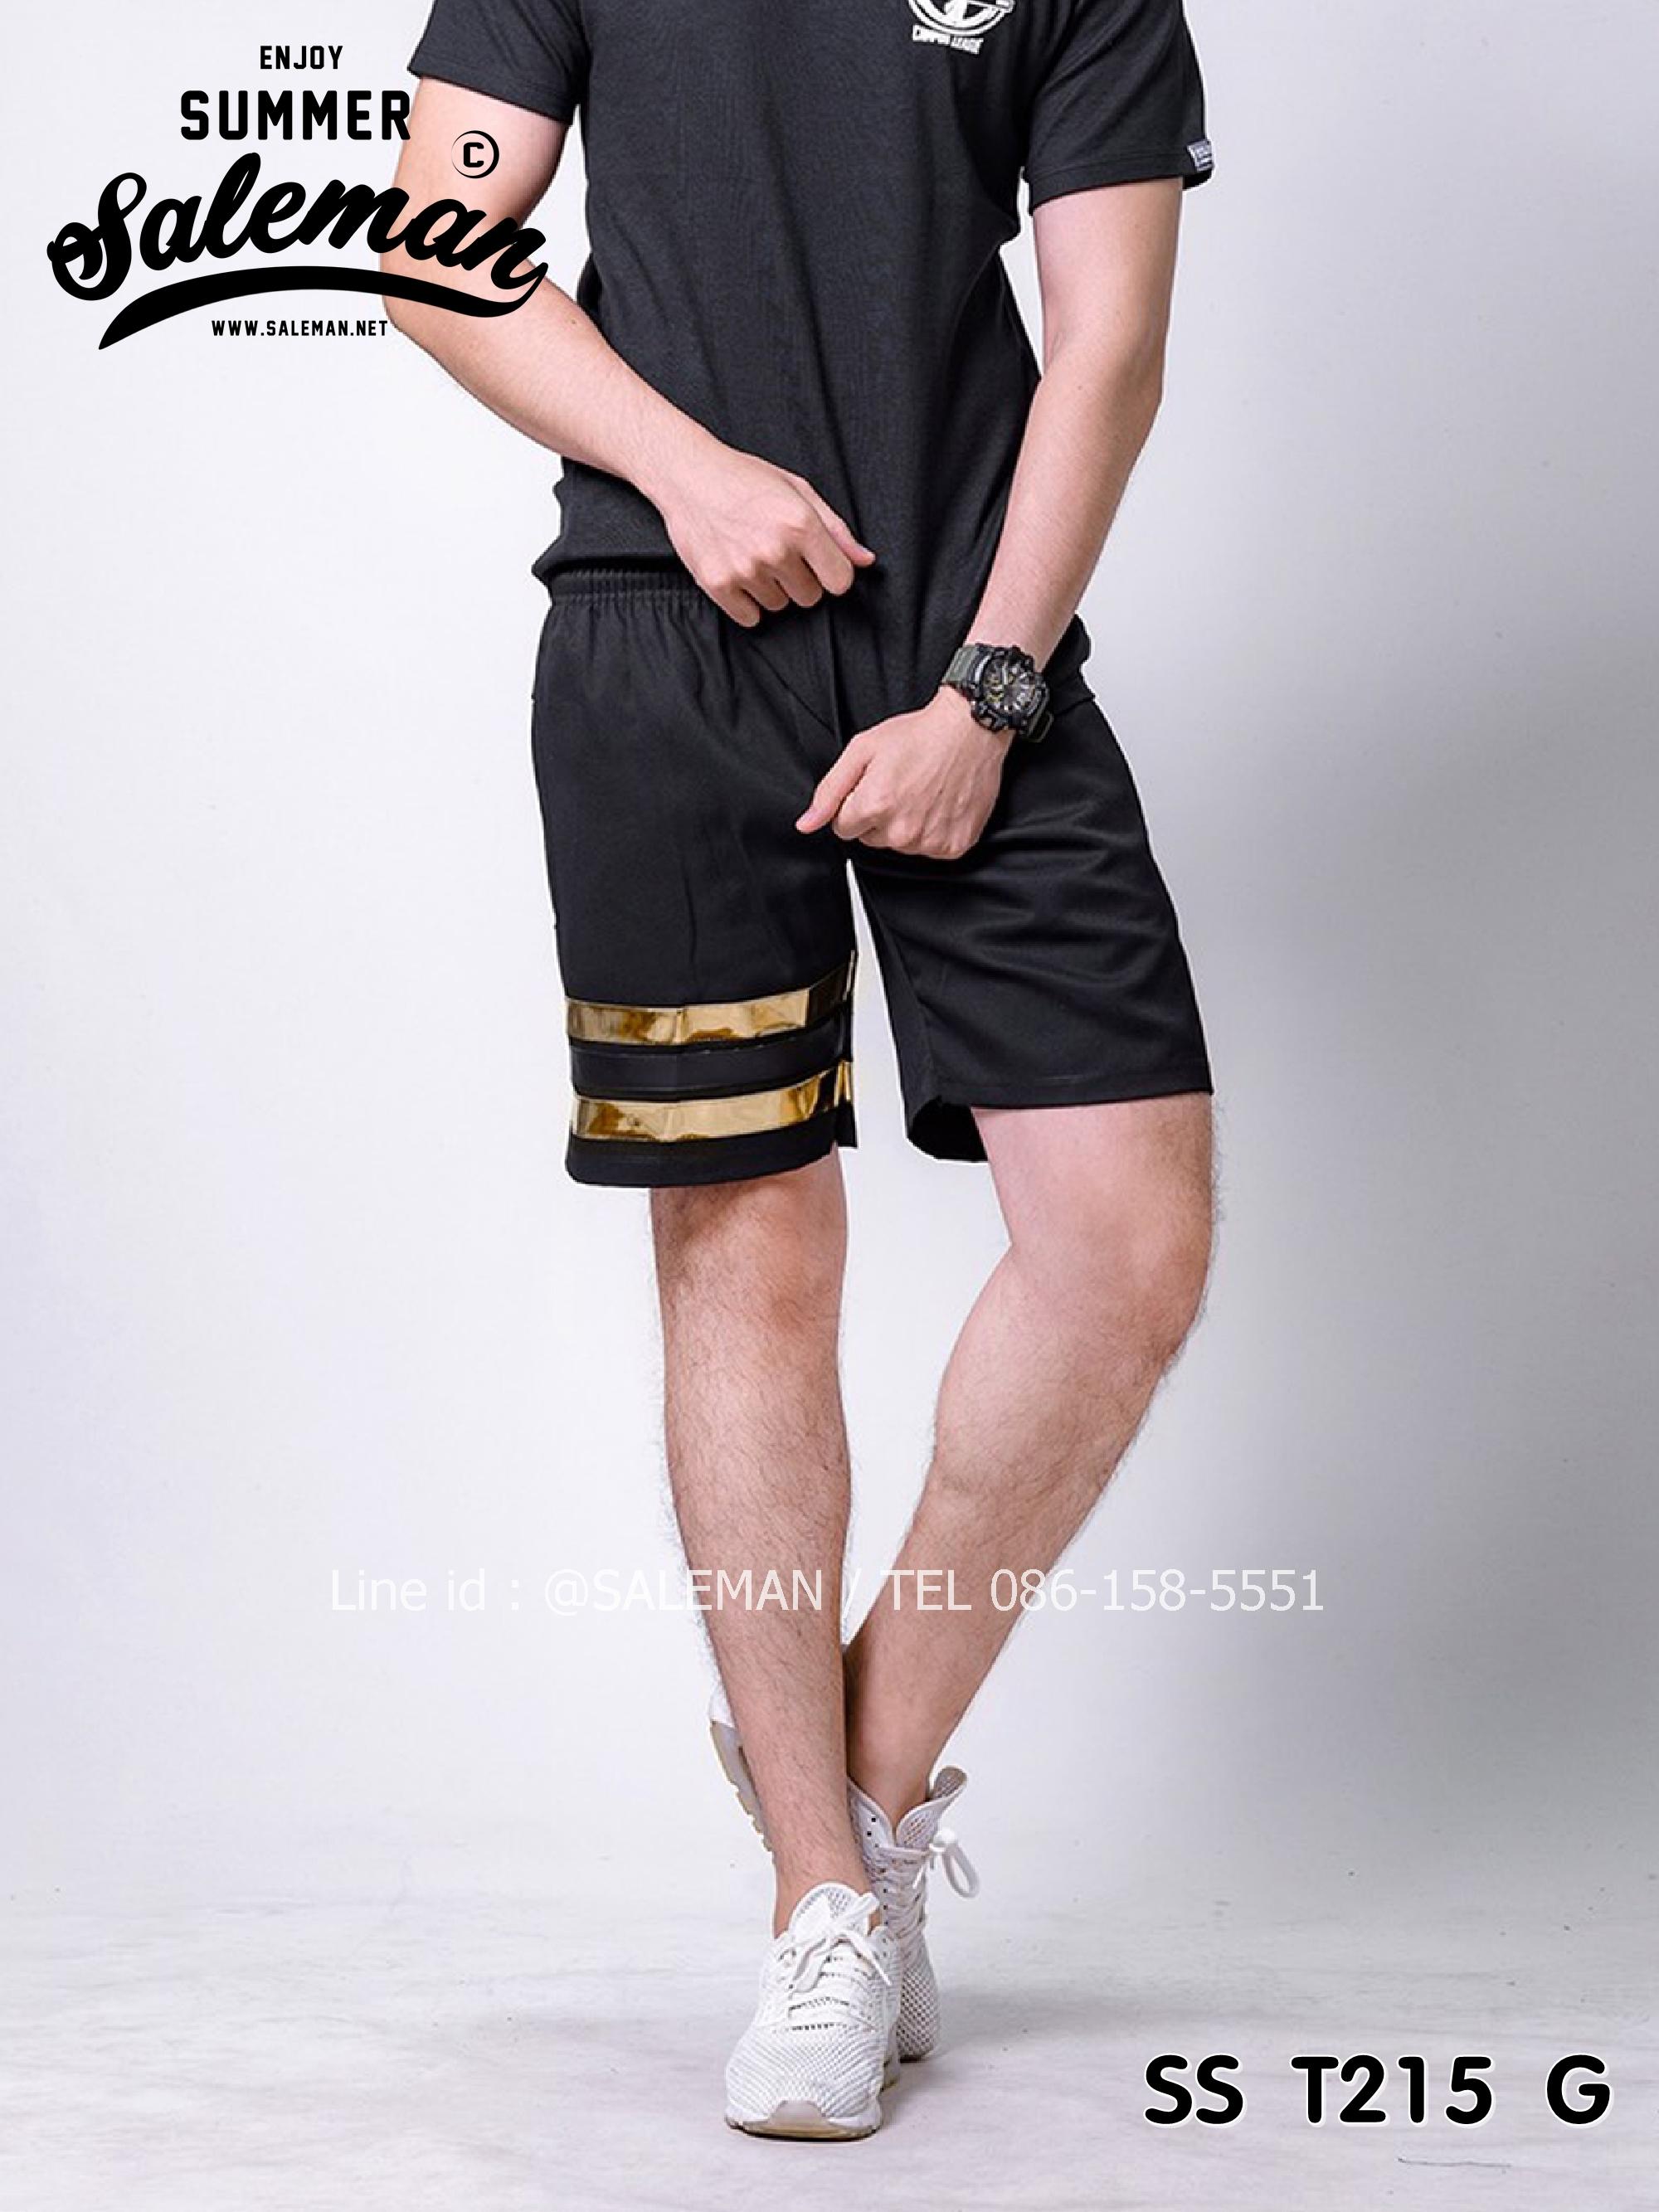 กางเกงขาสั้น พรีเมี่ยม ผ้า COTTON รหัส SST 215 G สีดำ แถบทอง